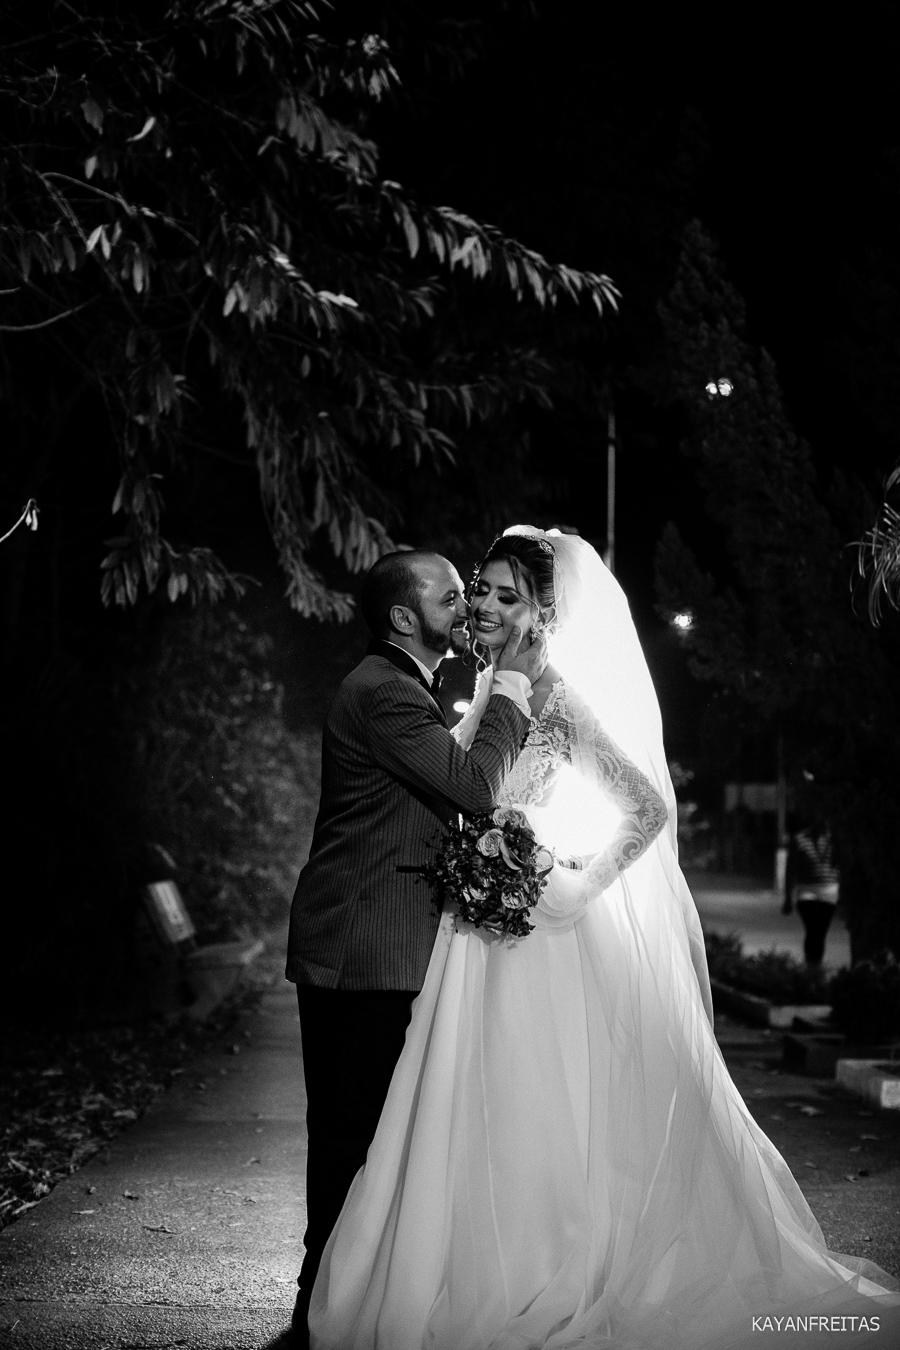 fotografo-casamento-santoamaro-daidiogo-0077 Casamento Daiara e Diogo - Santo Amaro da Imperatriz